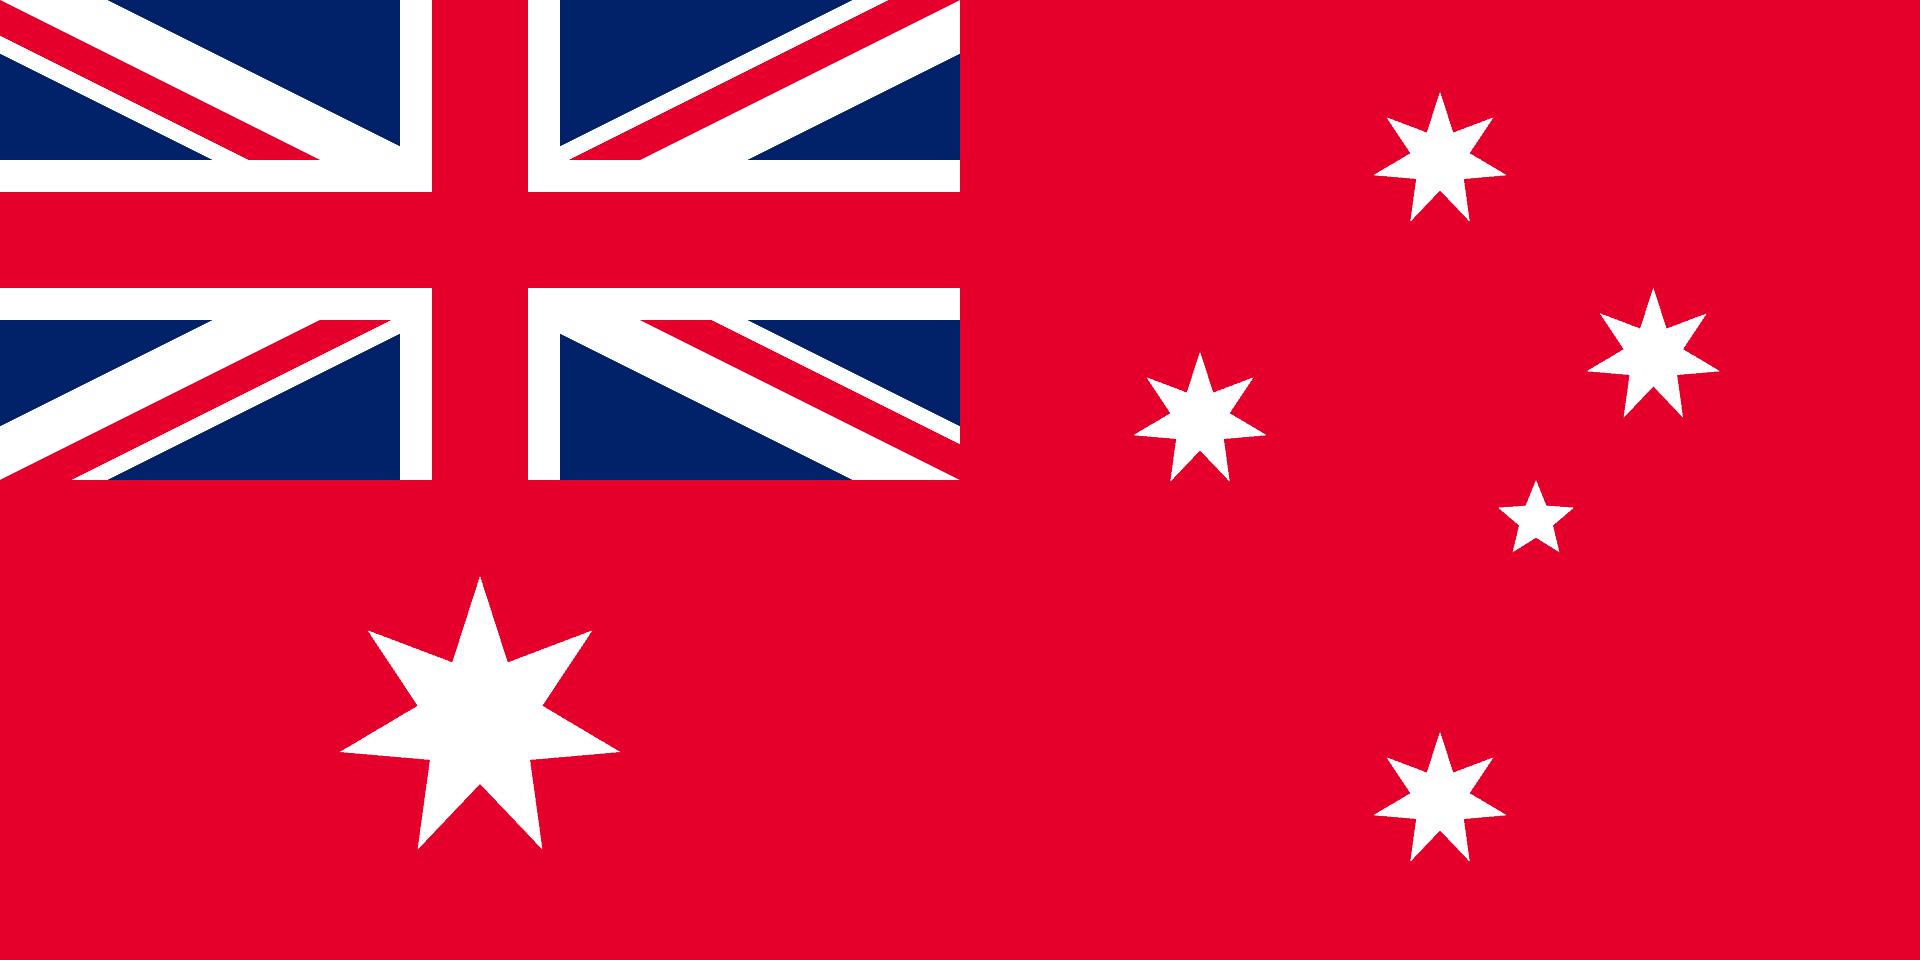 Red ensign Australian flag